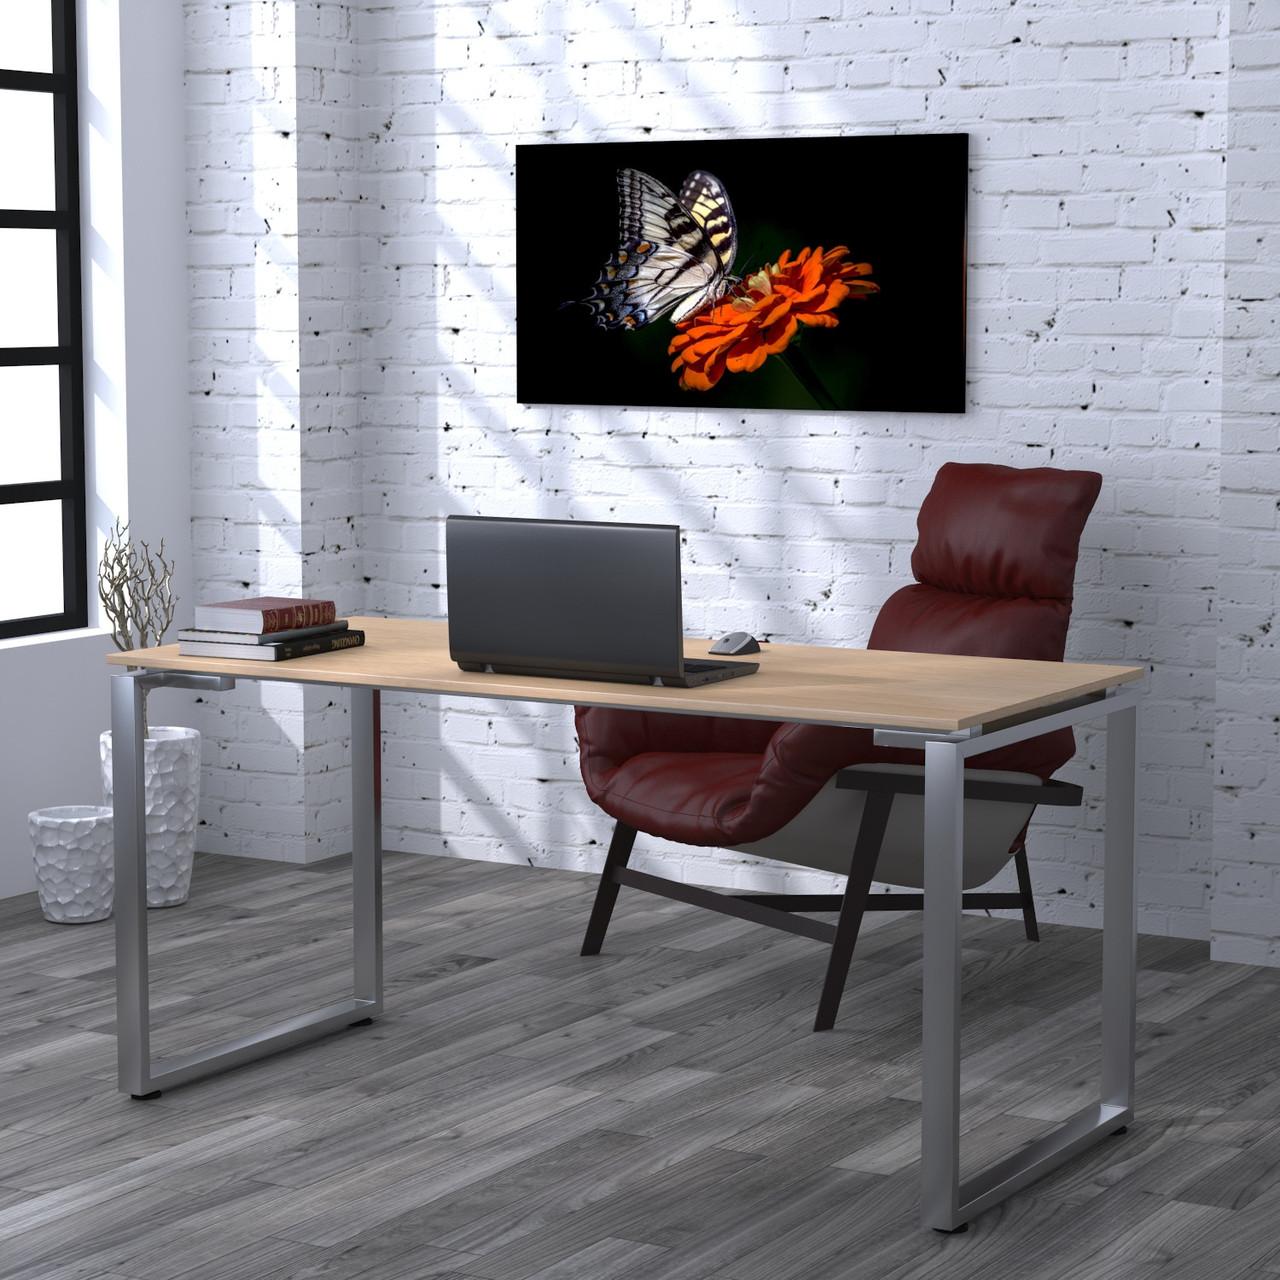 Письмовий стіл Loft design Q-160 Дуб Борас Стільниця 16 мм